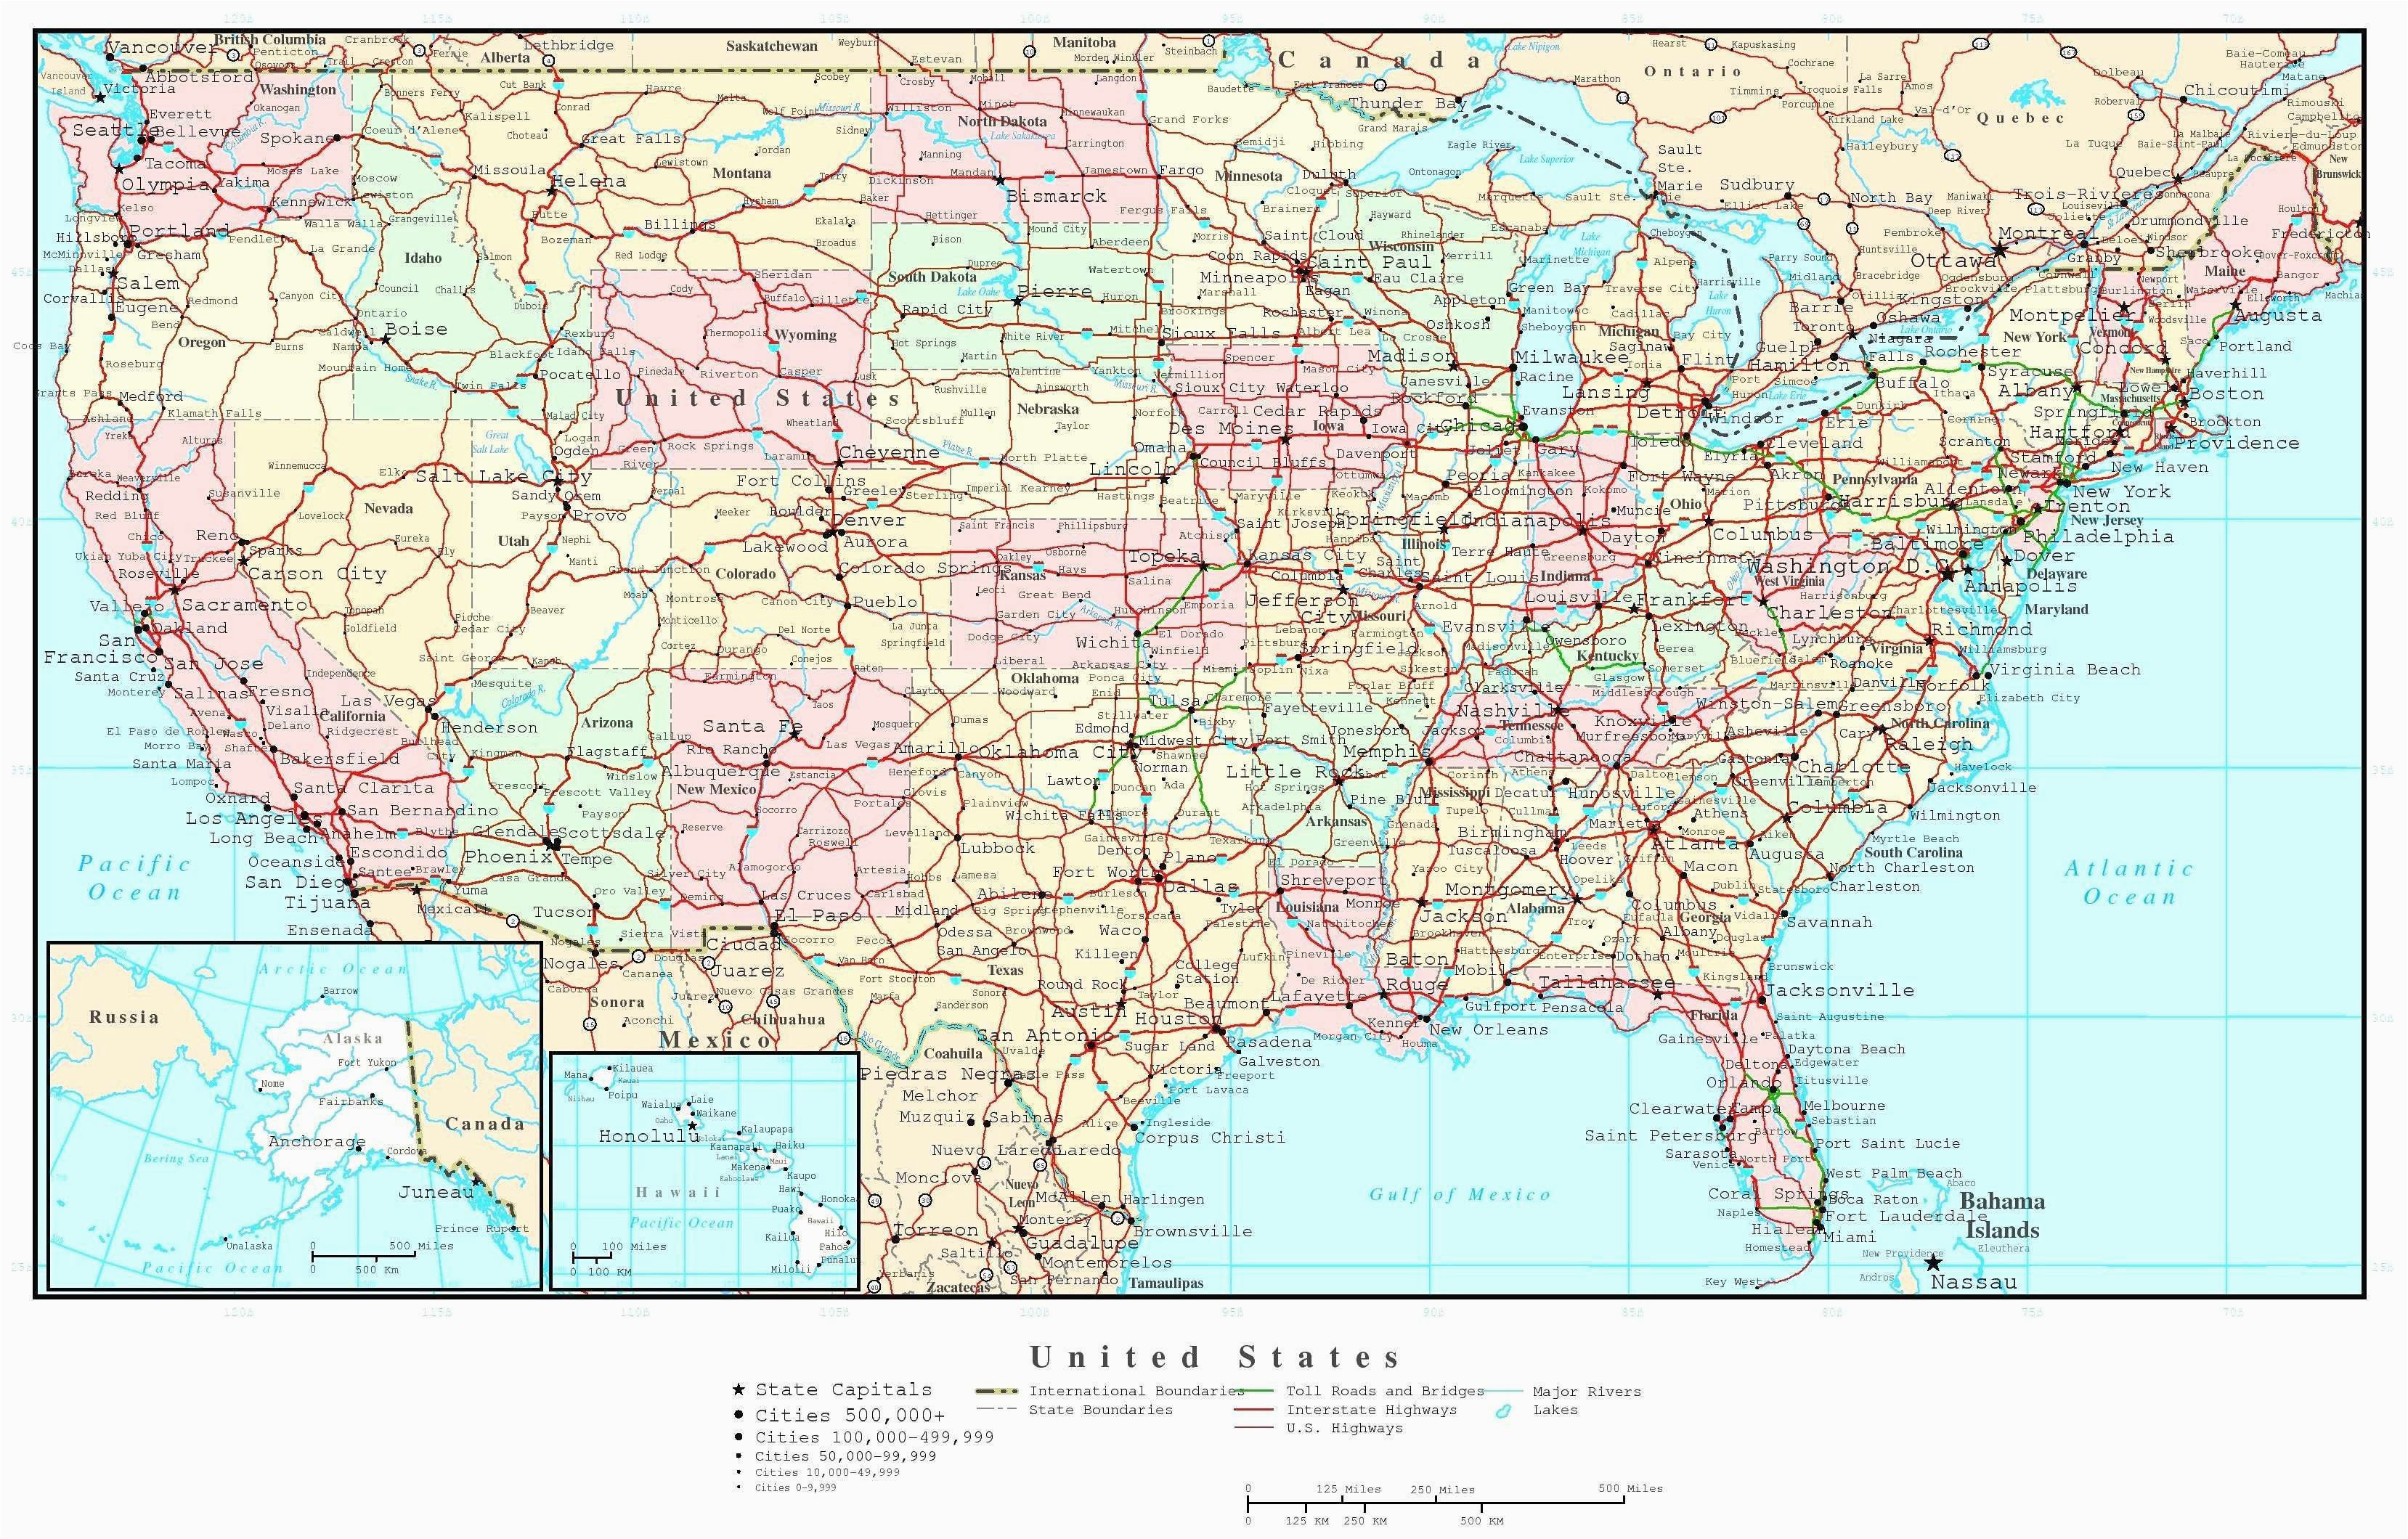 Free Gps Maps Canada Free Garmin Gps Maps New Gps Garmin ... Garmin New Maps on garmin mounts, garmin updates, google new maps,